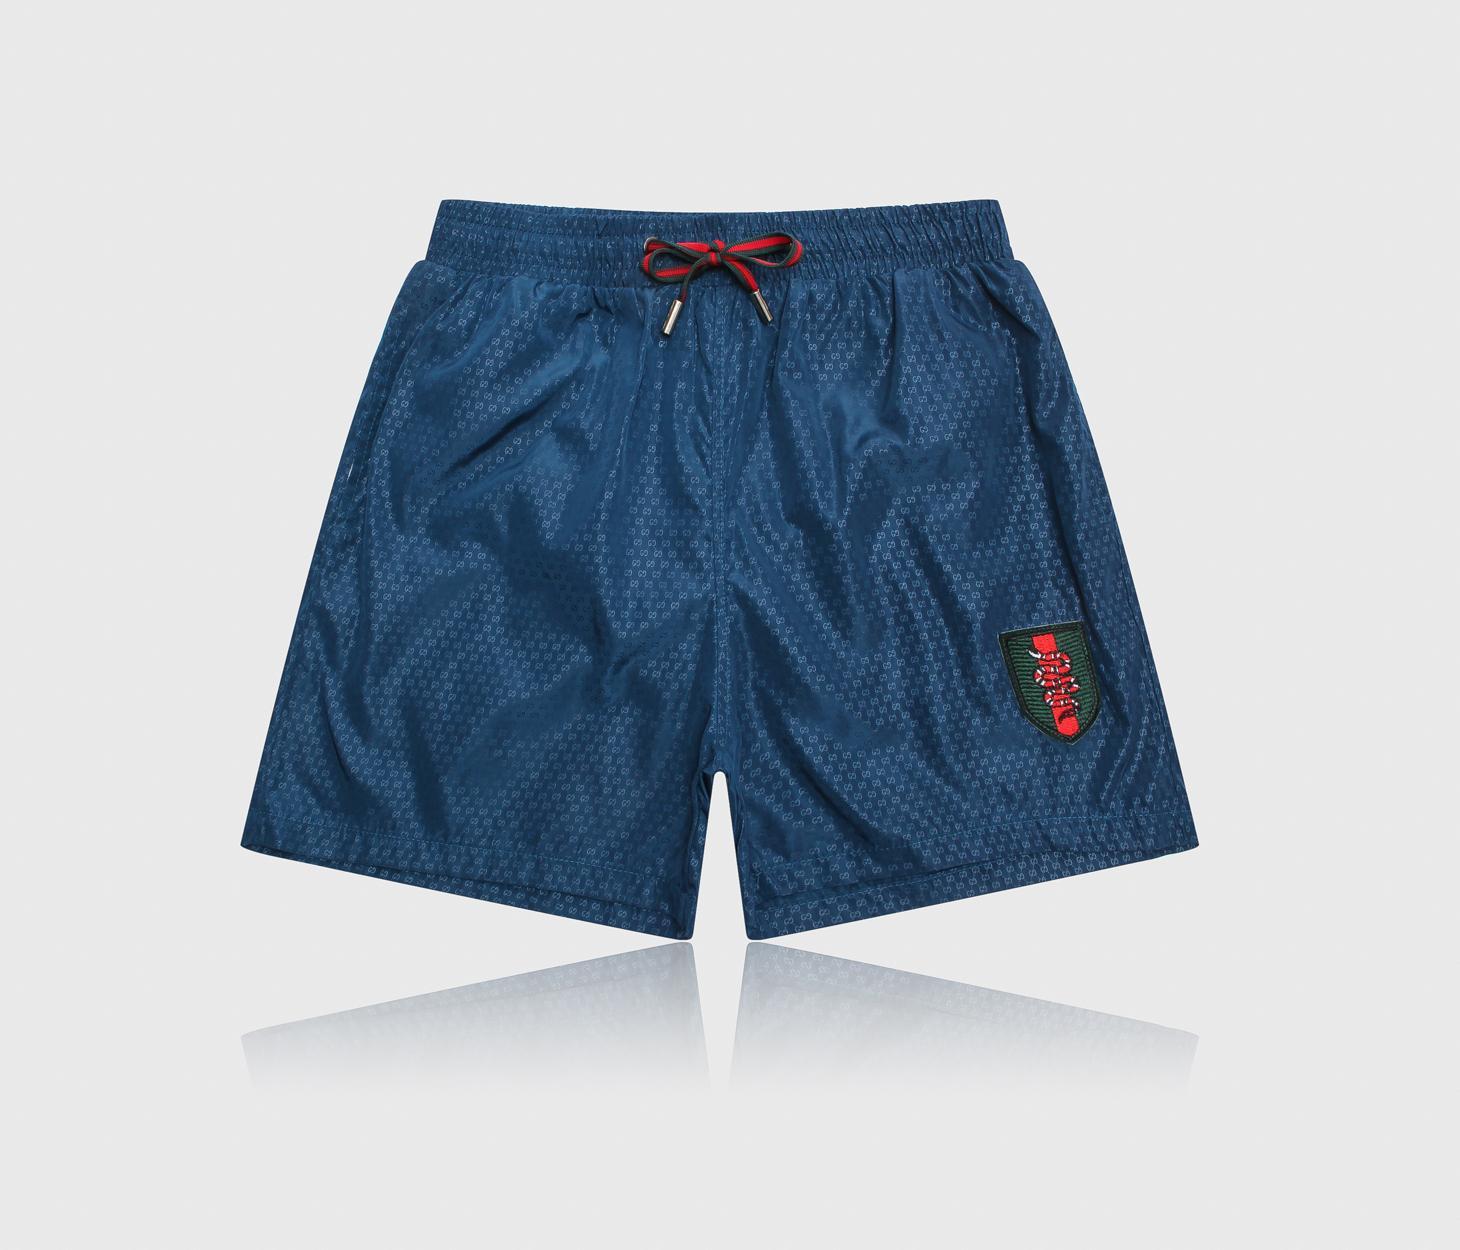 Pantalones cortos para hombre del estilista de moda para hombre de la playa del verano de la alta calidad del color sólido Pantalones cortos Pantalones famosos Colores